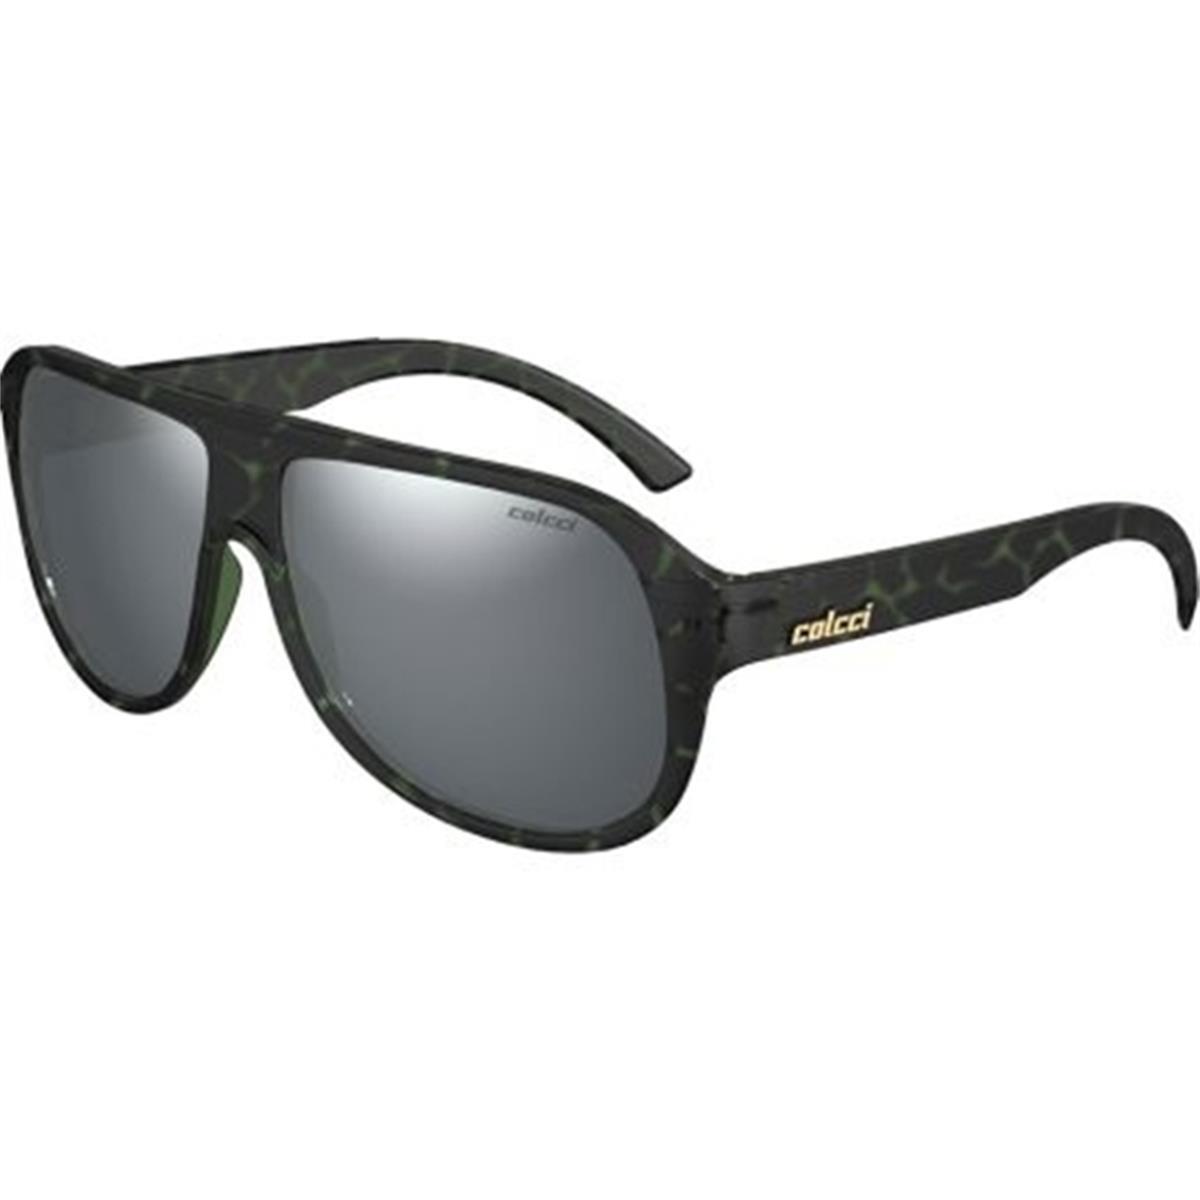 1b8499dac Óculos de Sol Aviador Morion Unissex 5013 Colcci